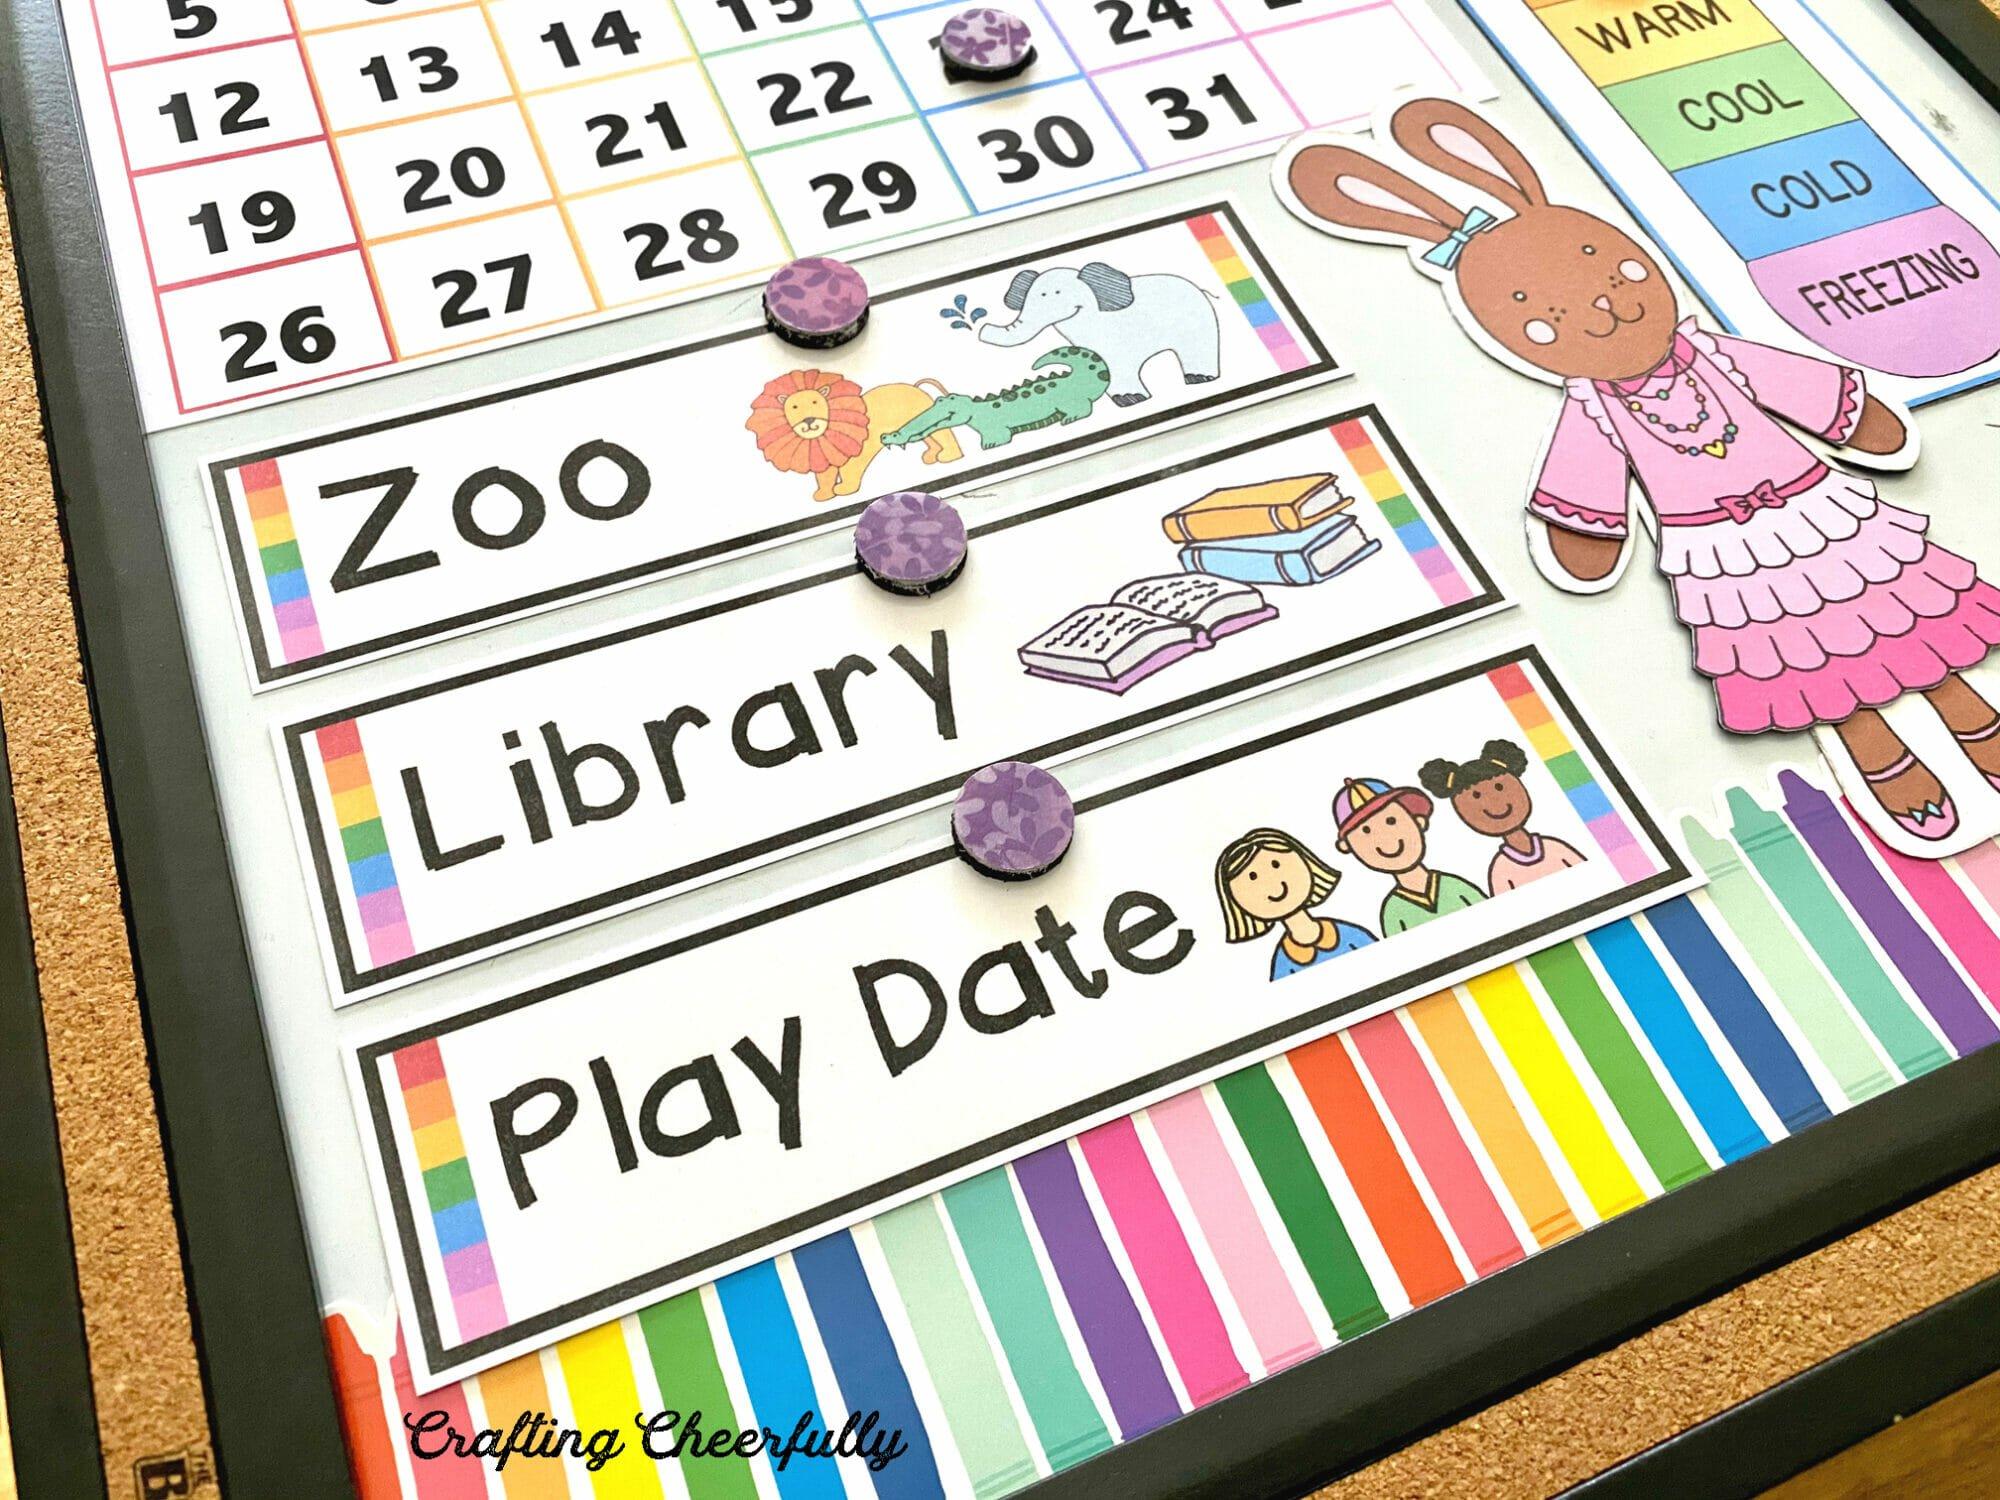 DIY Children's calendar close up picture of visual schedule calendar cards.